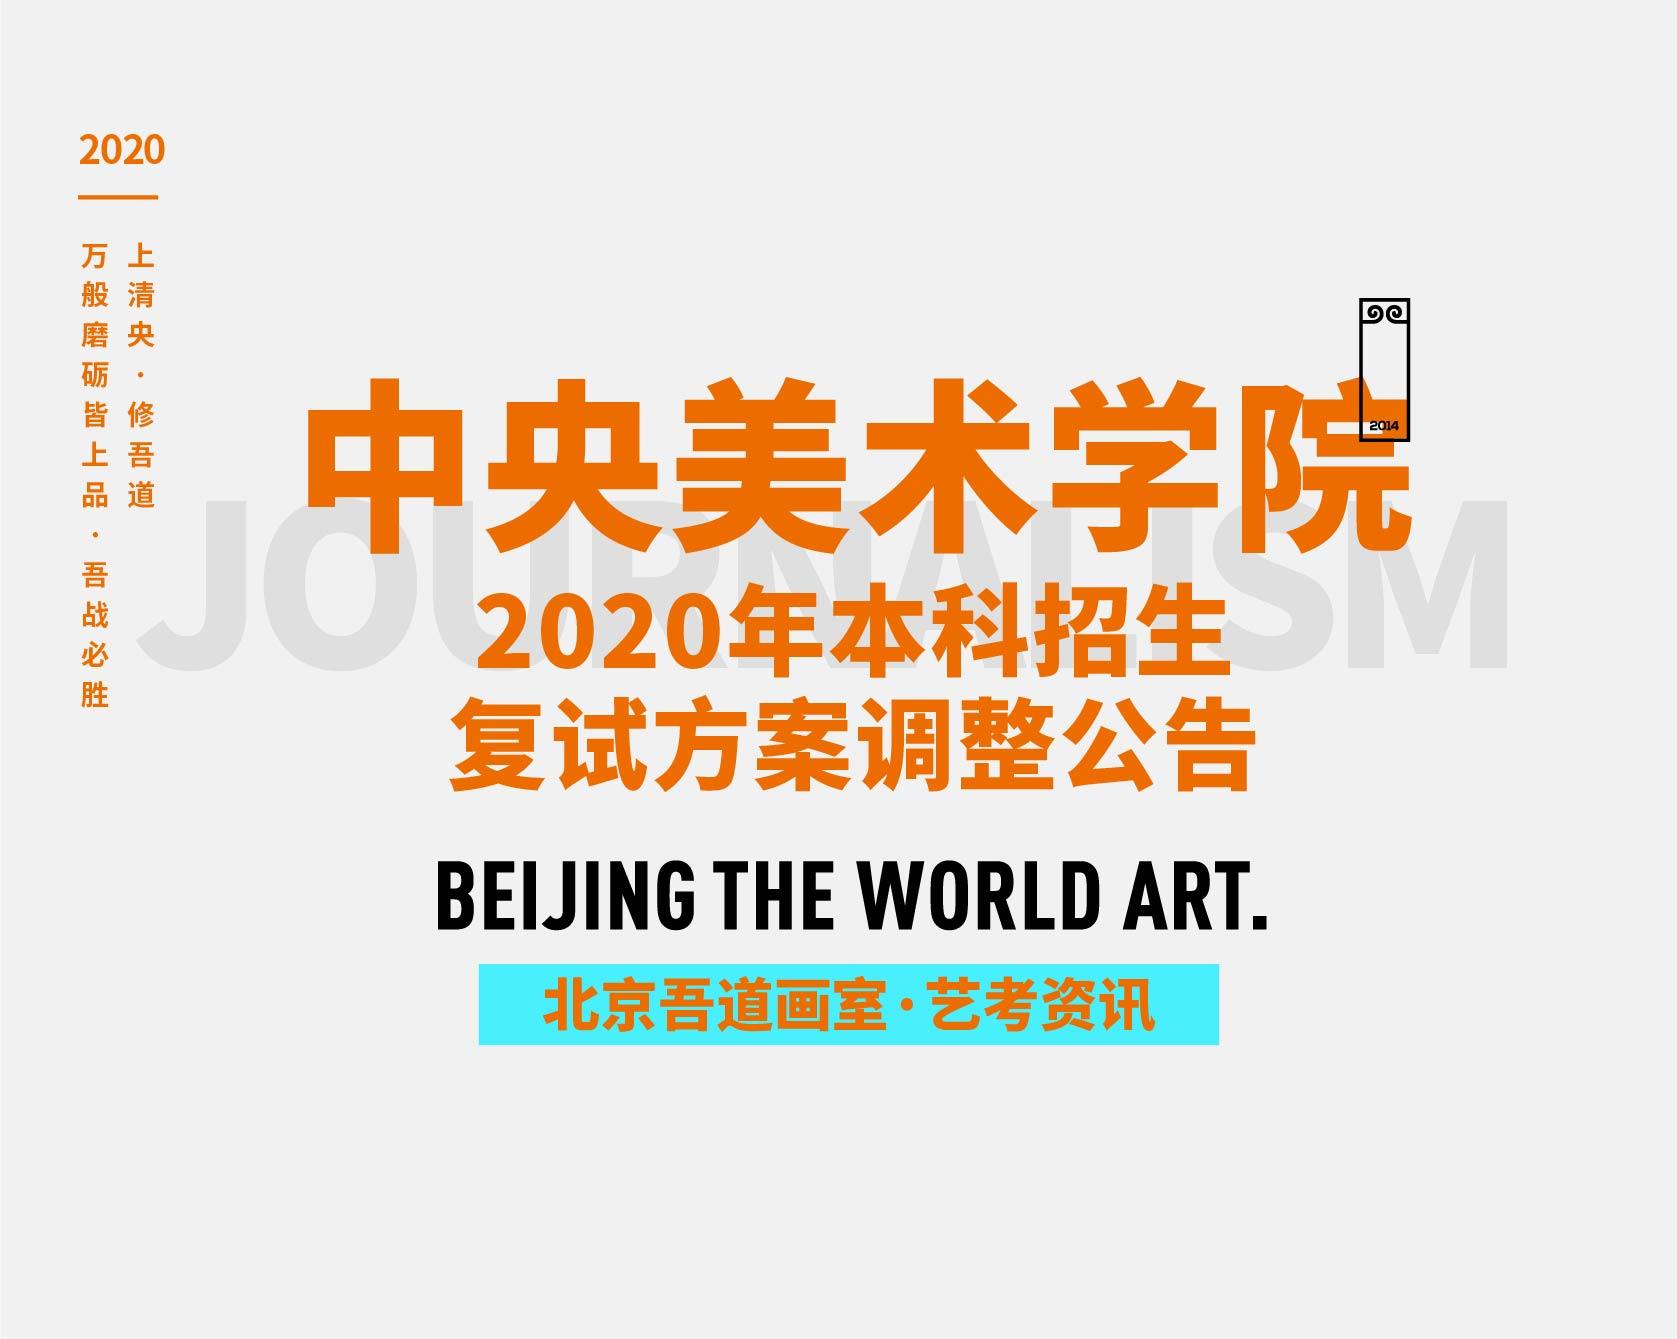 中央美术学院2020年本科招生复试方案调整公告